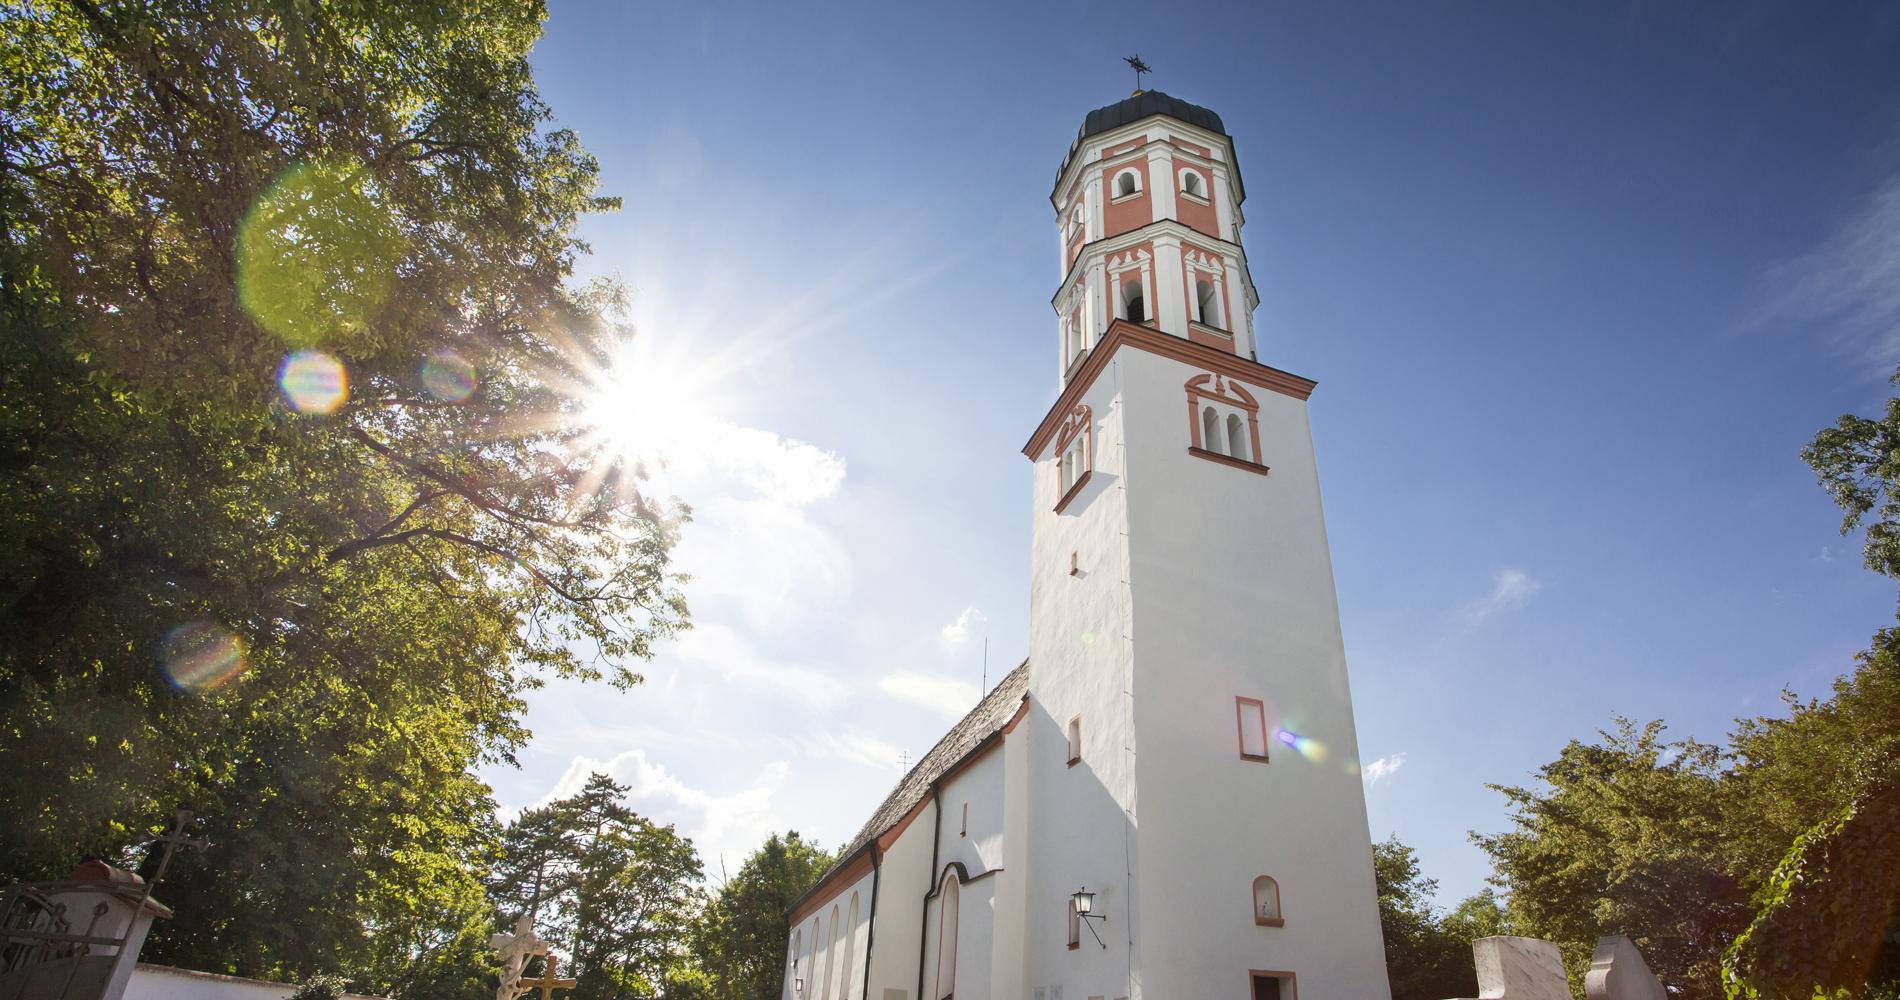 Die Kirche St. Michael ist bekannt durch ihre zahlreichen Fresken